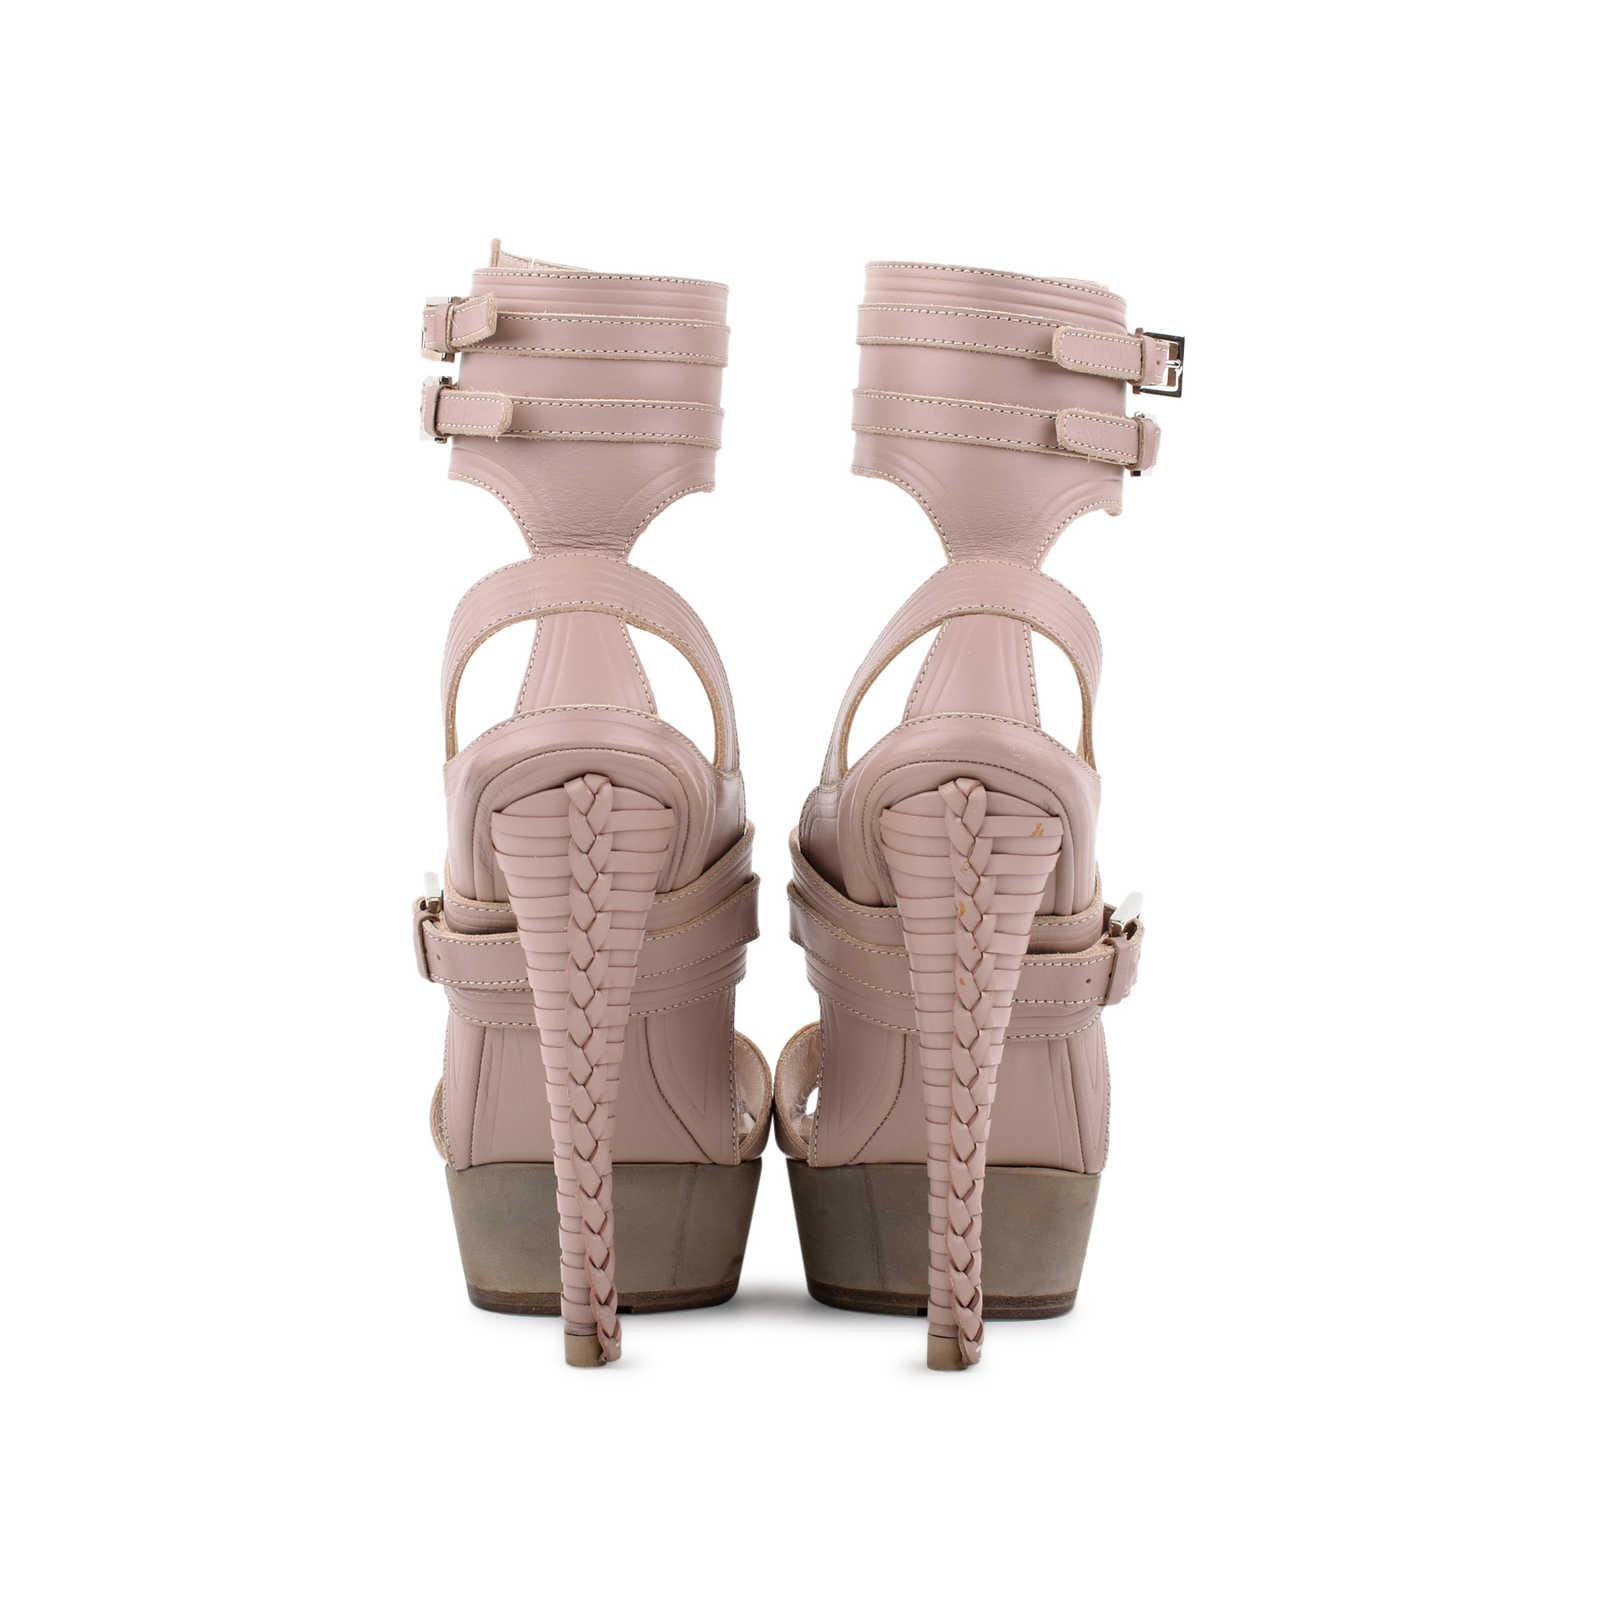 884d5d7a631 ... Authentic Second Hand Salvatore Ferragamo Braided Platform Sandal (PSS- 080-00221) -